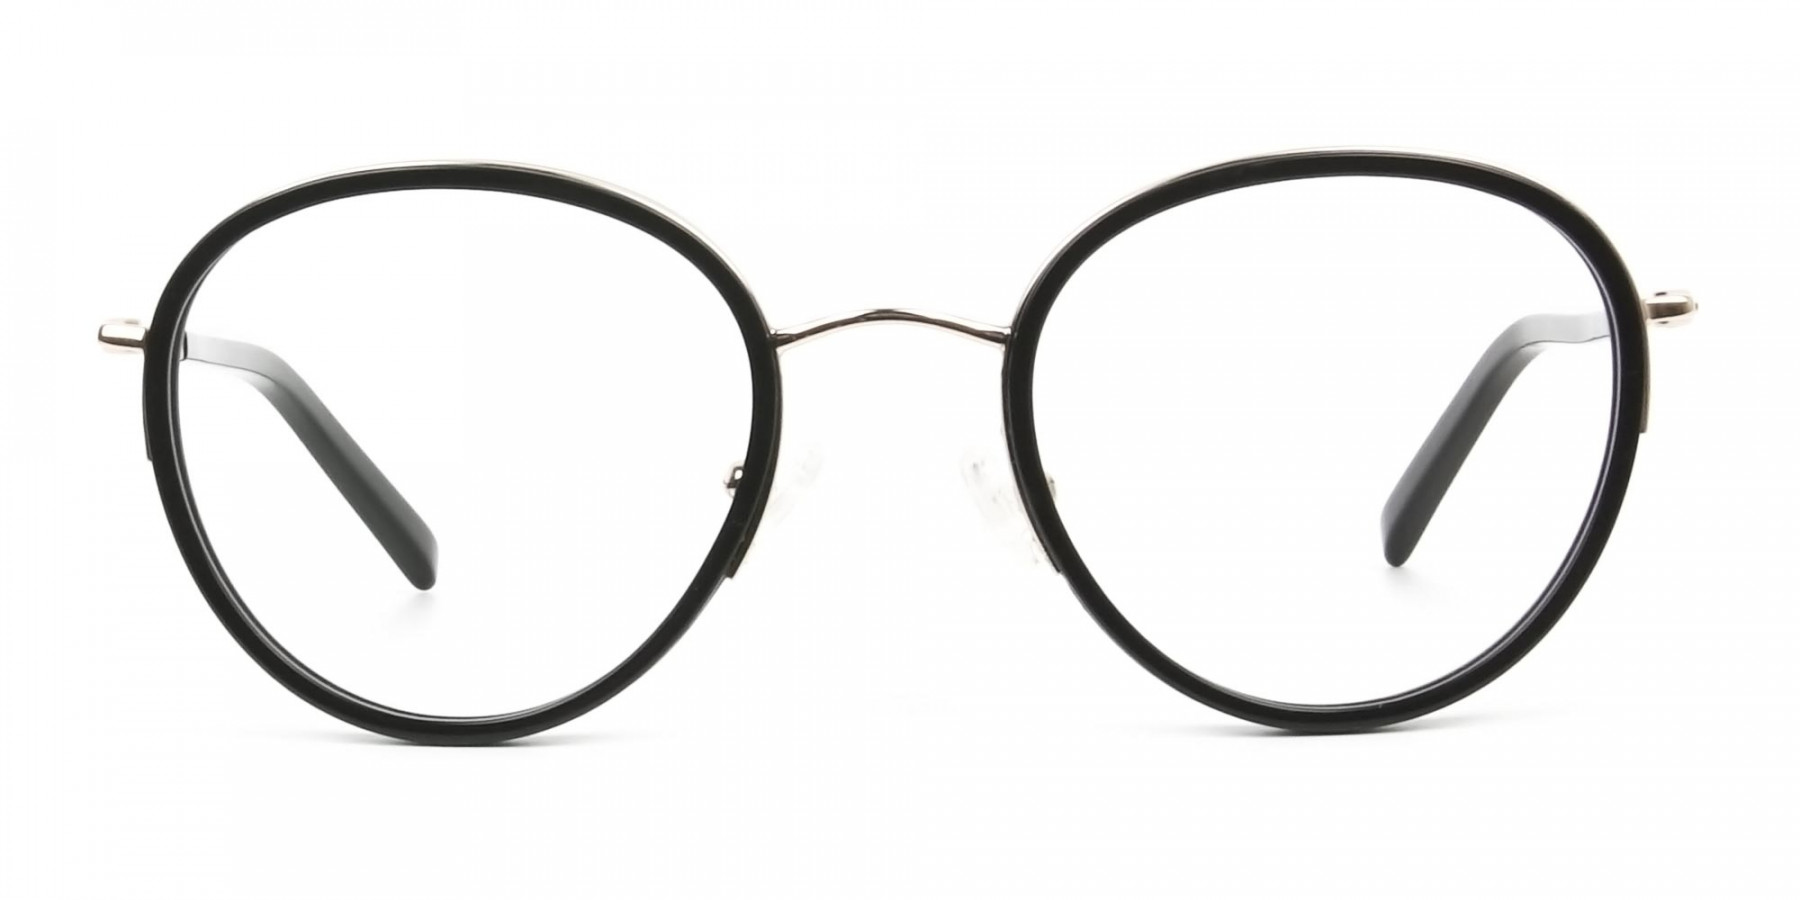 Retro Black & Silver Circular Glasses - 1